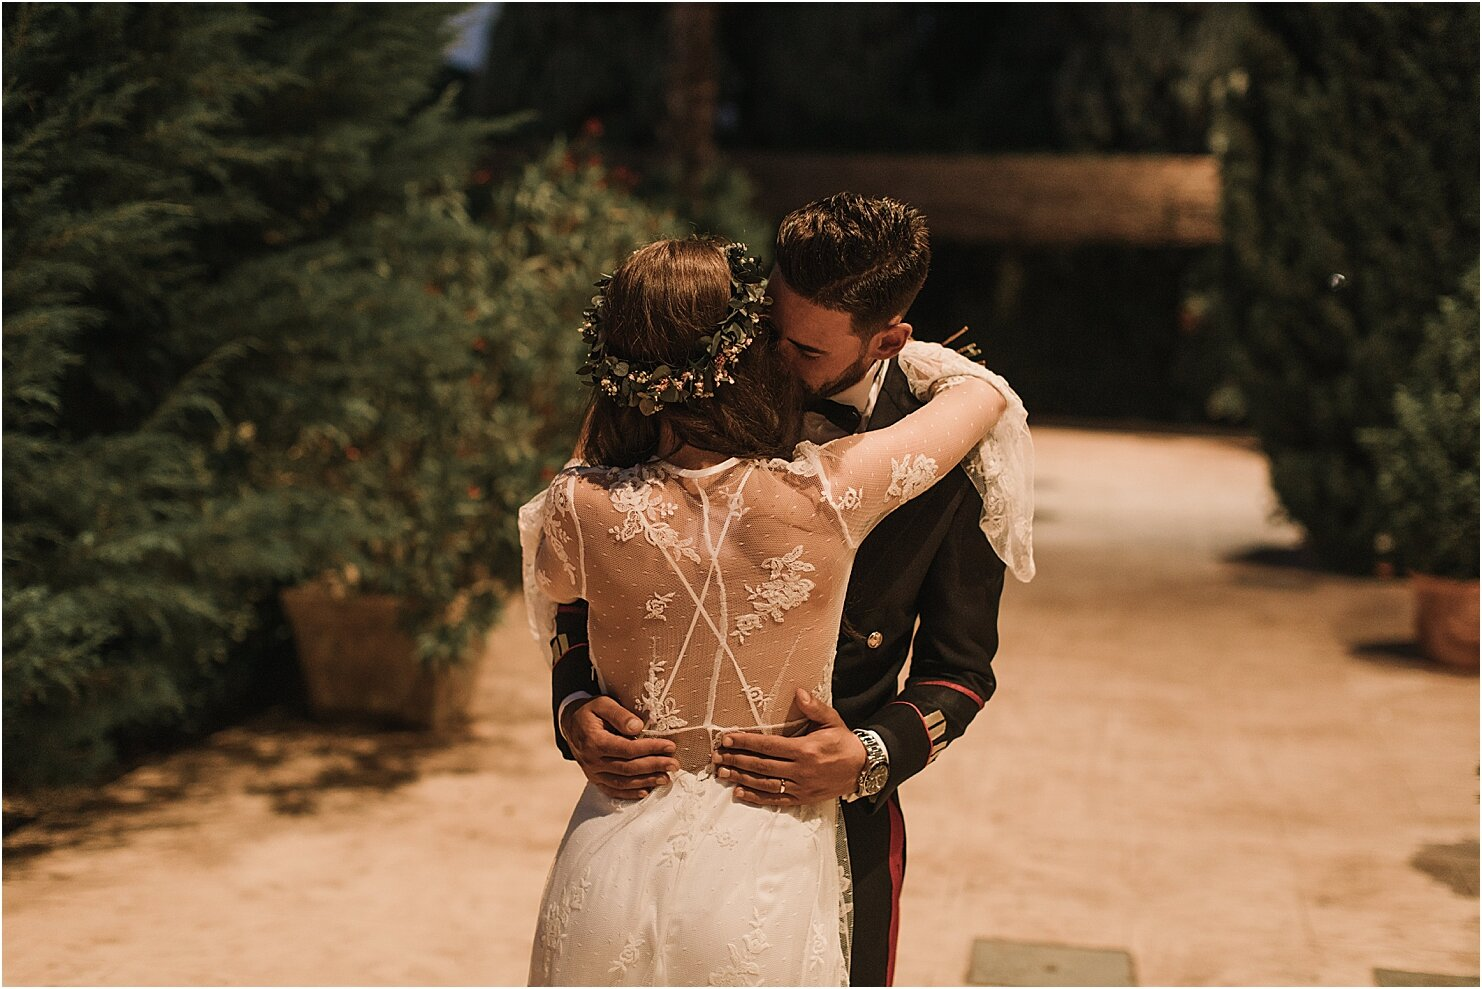 boda-romantica-boda-boho-vestido-de-novia-laura-lomas51.jpg